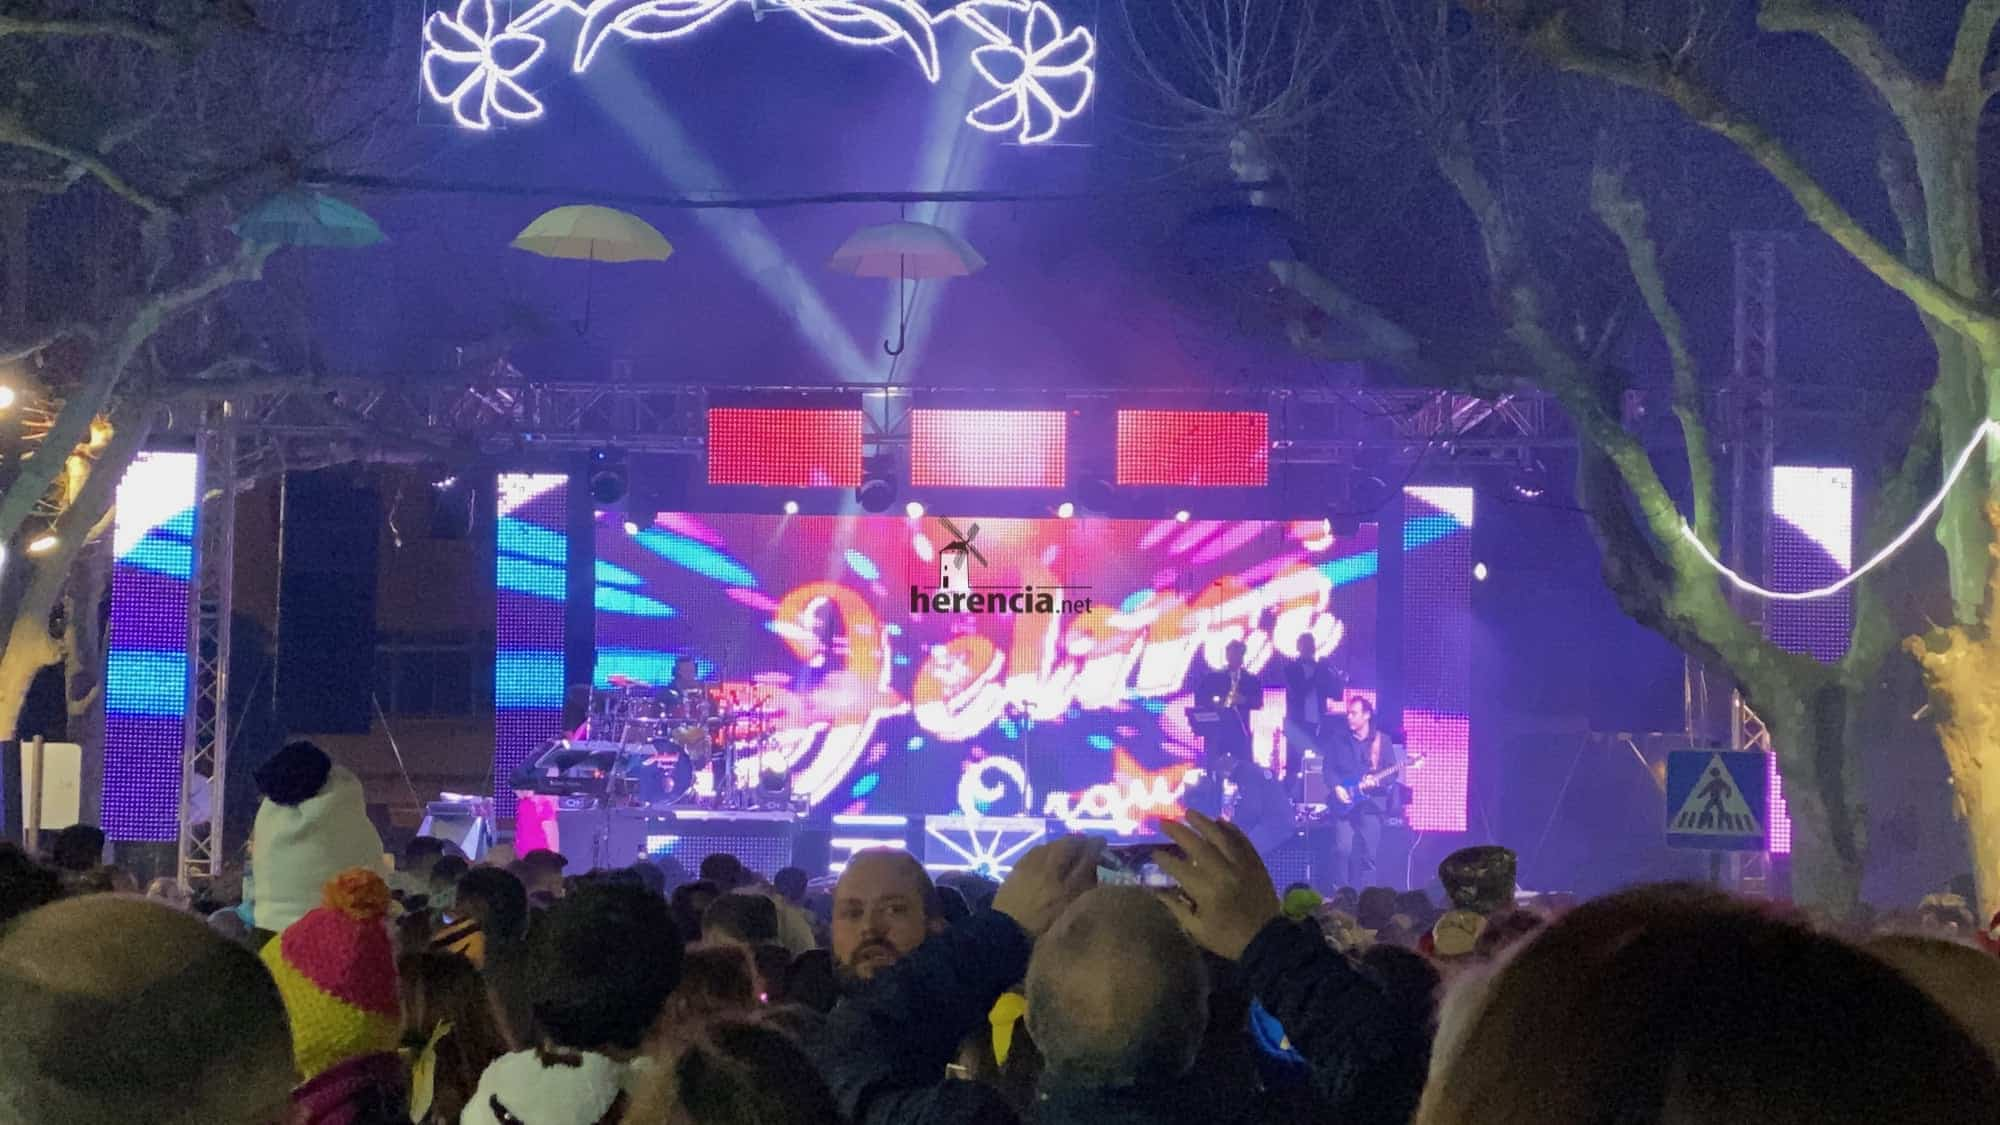 Inaugurado el Carnaval de Herencia 2020 con el Sábado de los Ansiosos 33